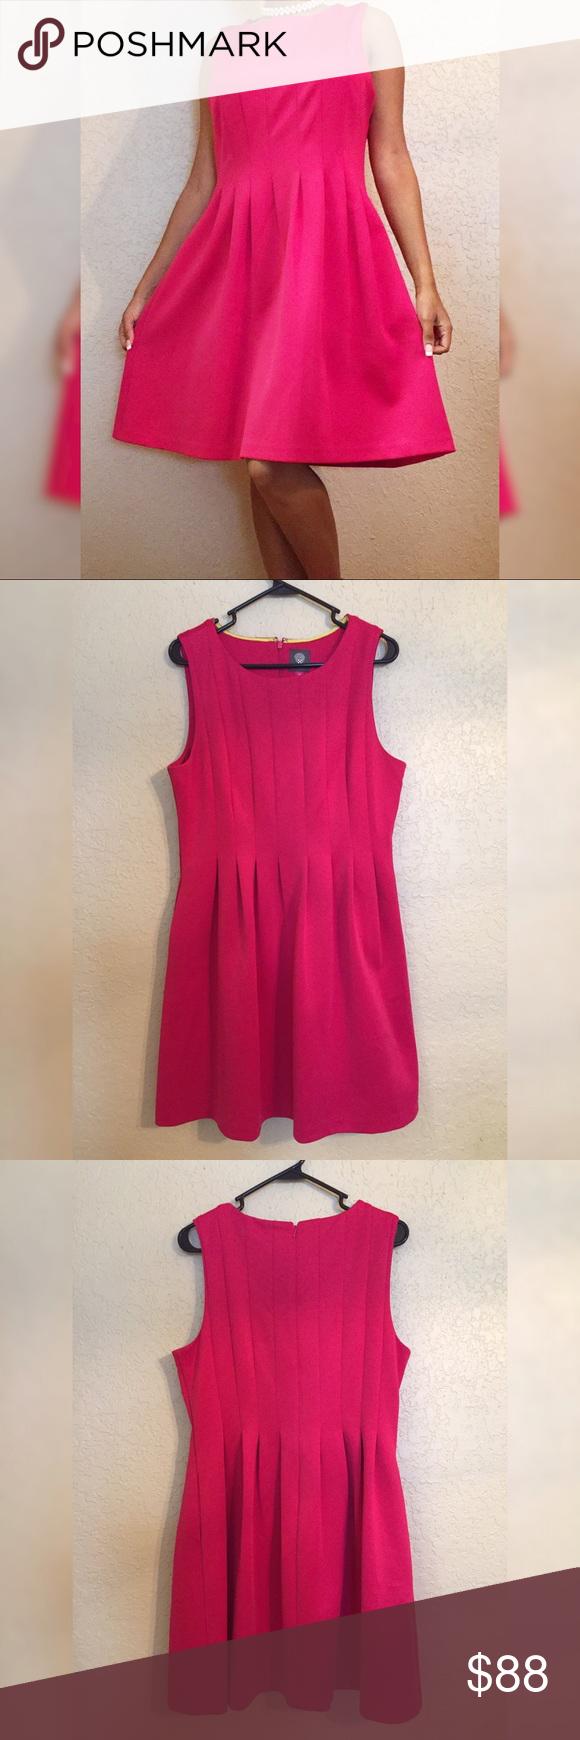 Sale Vince Camuto Pink Dress Clothes Design Dresses Fashion [ 1740 x 580 Pixel ]